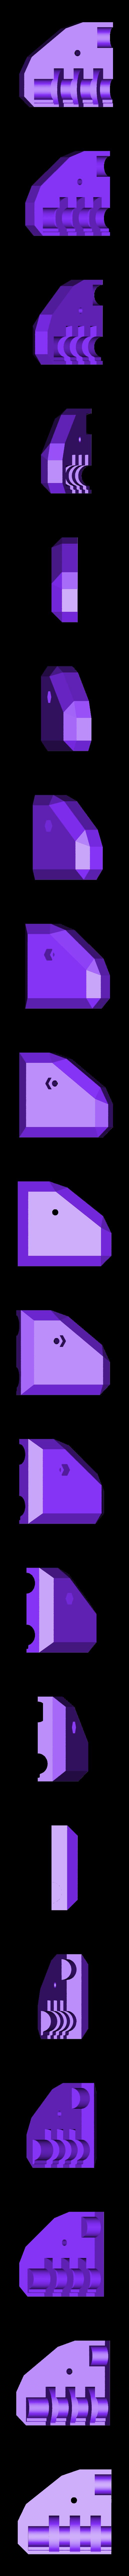 3Bottom.stl Télécharger fichier STL gratuit Kit de verrouillage de permutation personnalisable (verrouillage à combinaison) • Objet pour impression 3D, plasticpasta